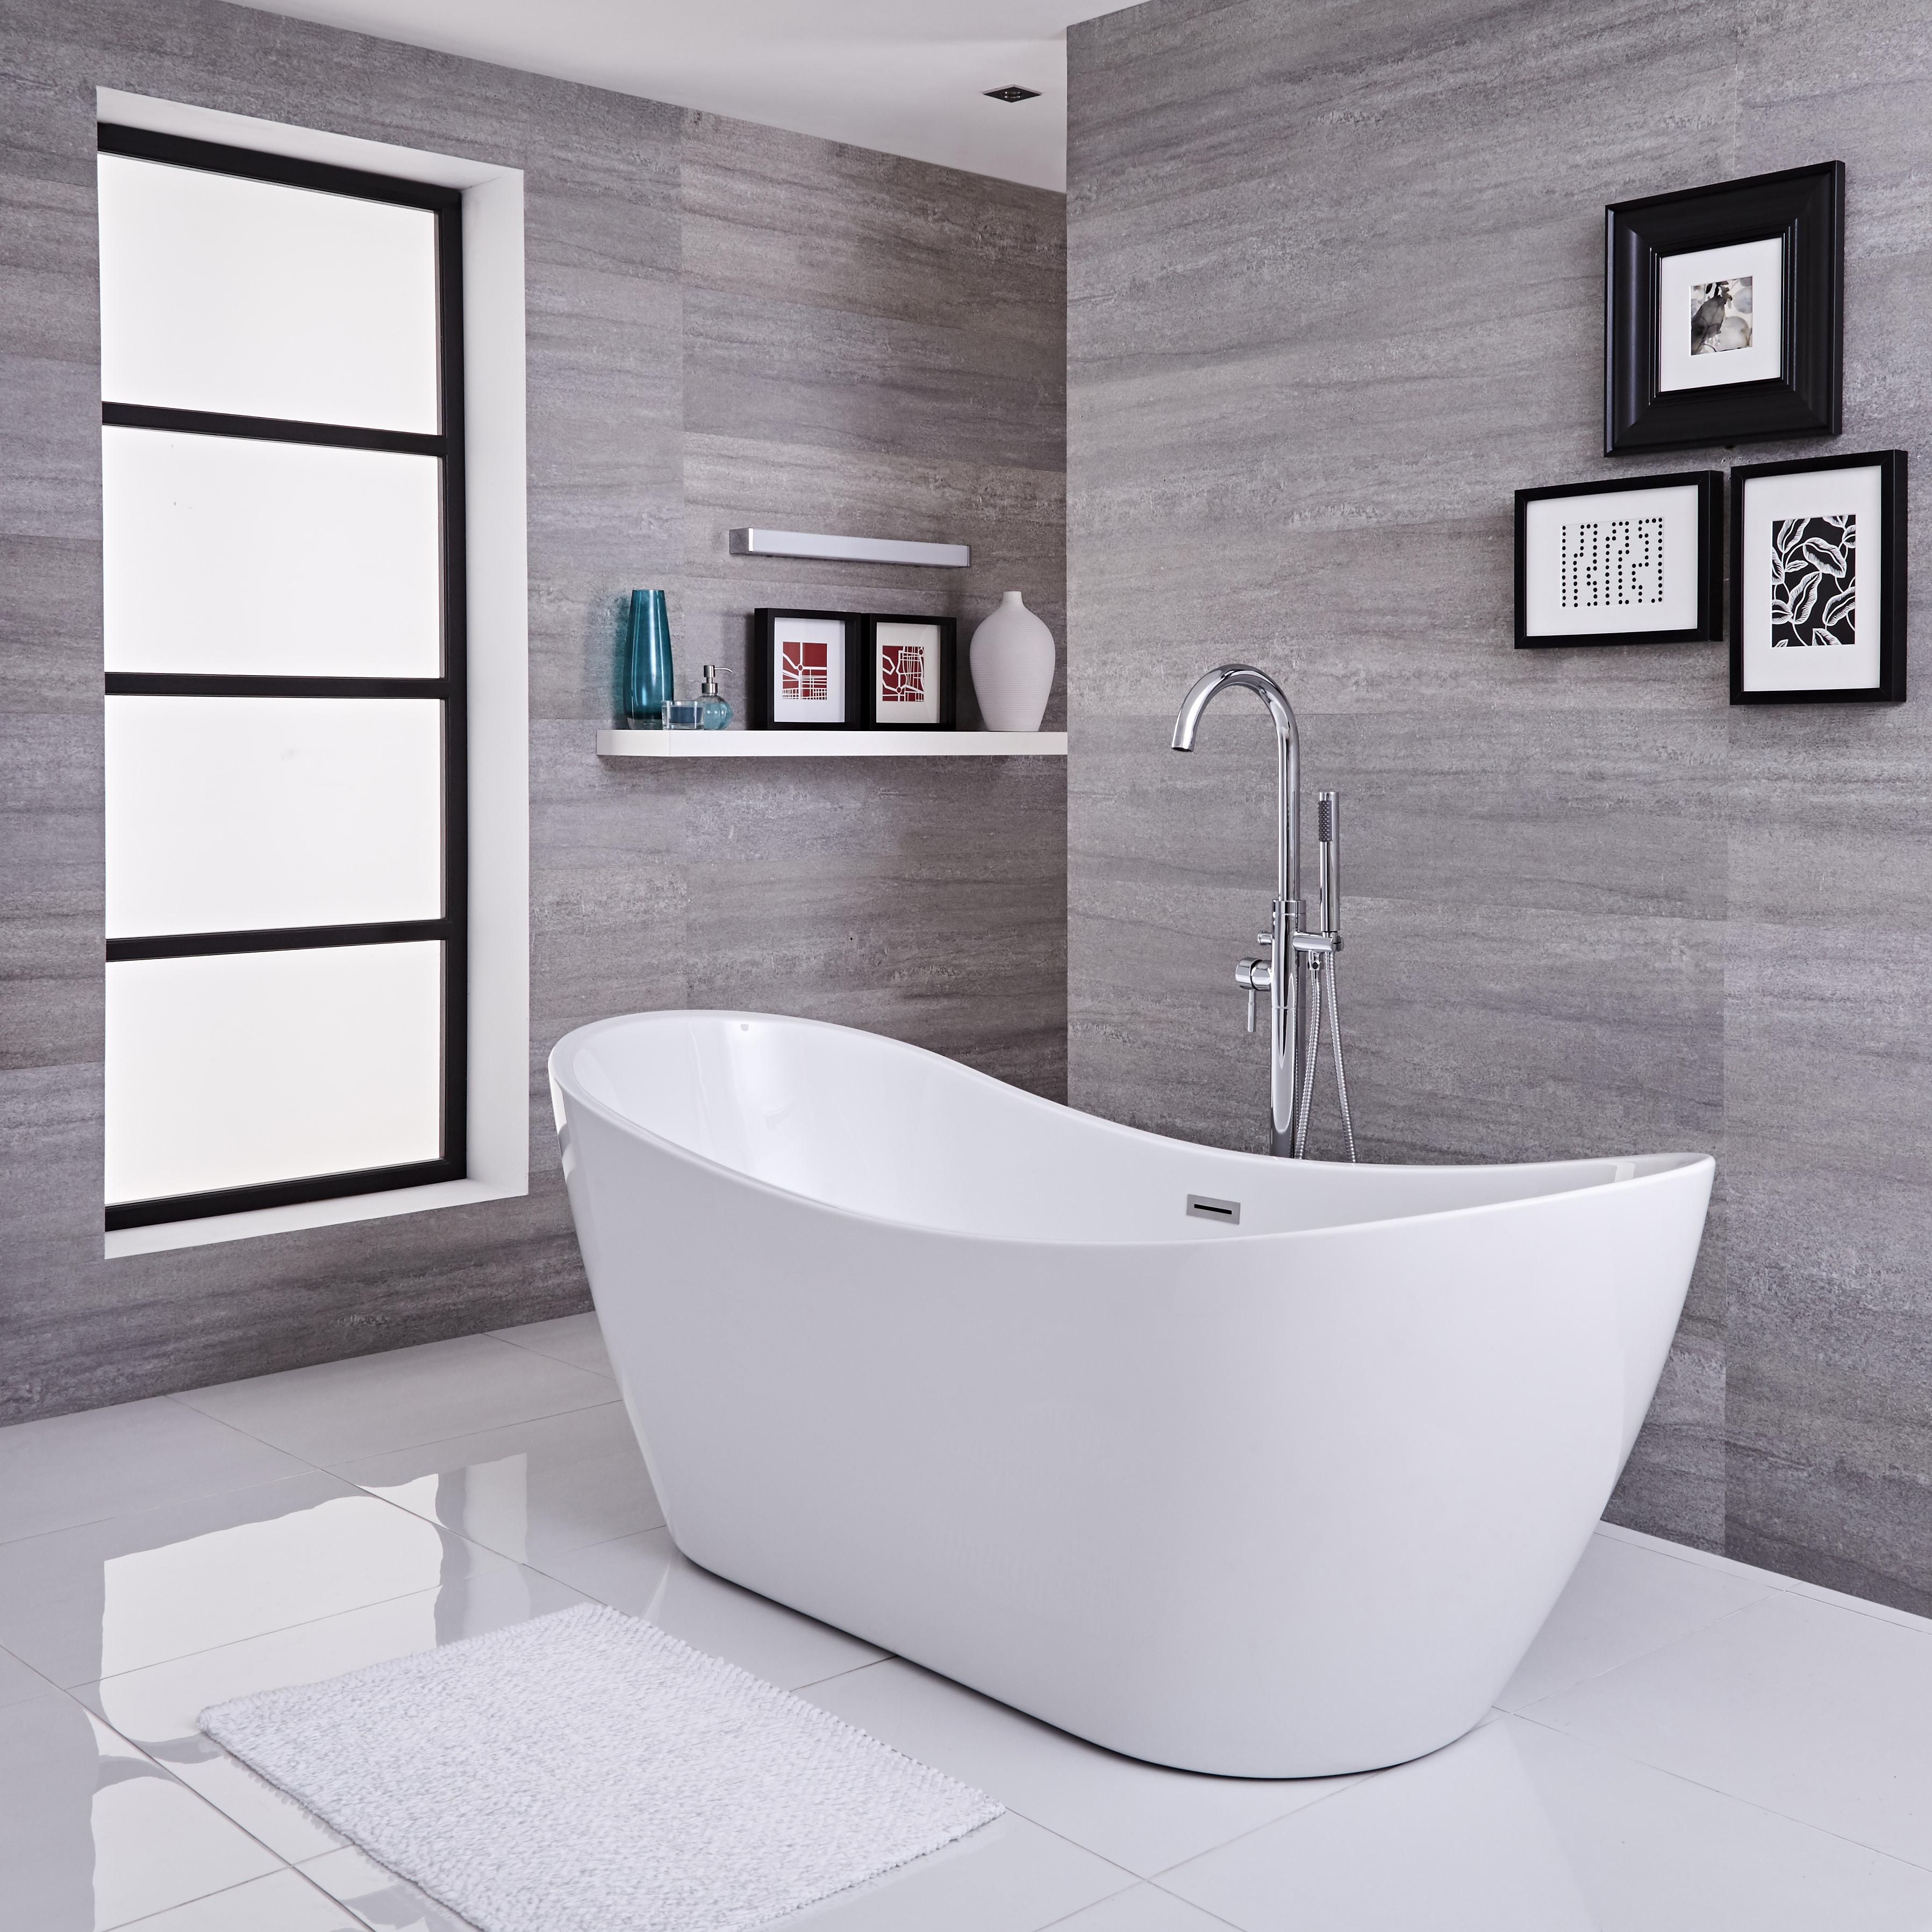 Robinet de baignoire Autoportante Ilot Bain M/élangeur Mitigeur de Baignoire /Îlot sur Pied blond